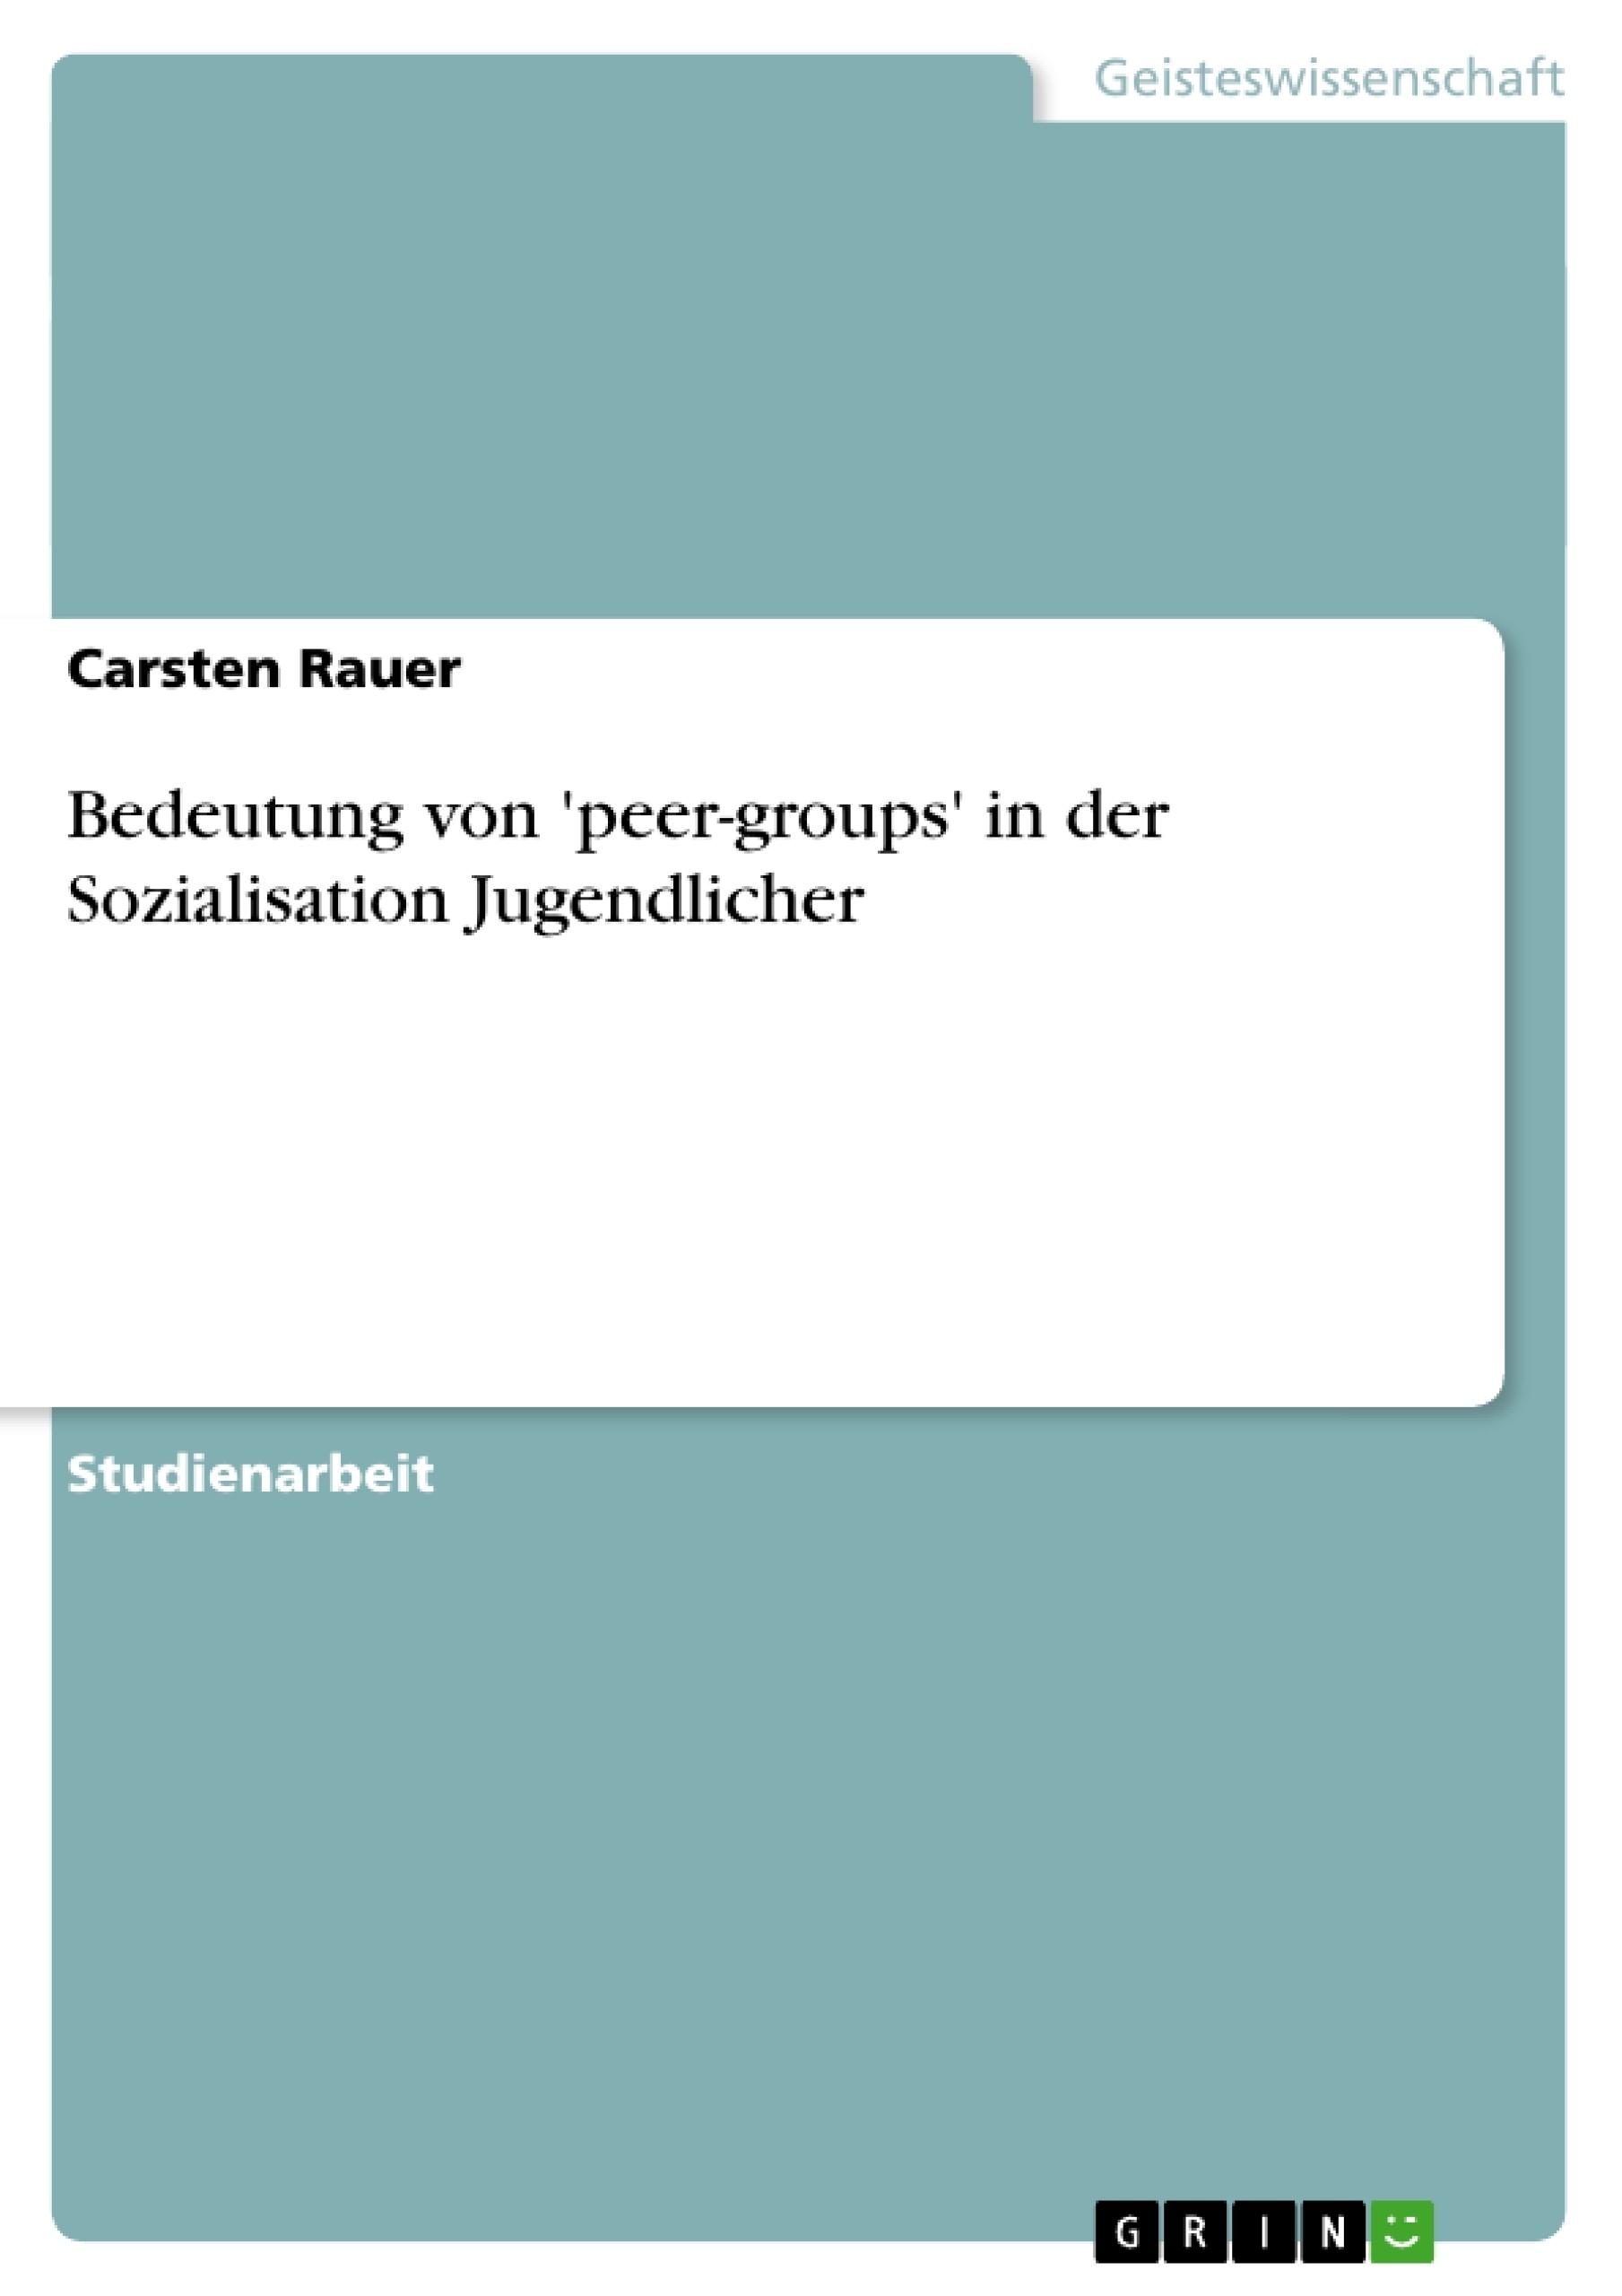 Titel: Bedeutung von 'peer-groups' in der Sozialisation Jugendlicher